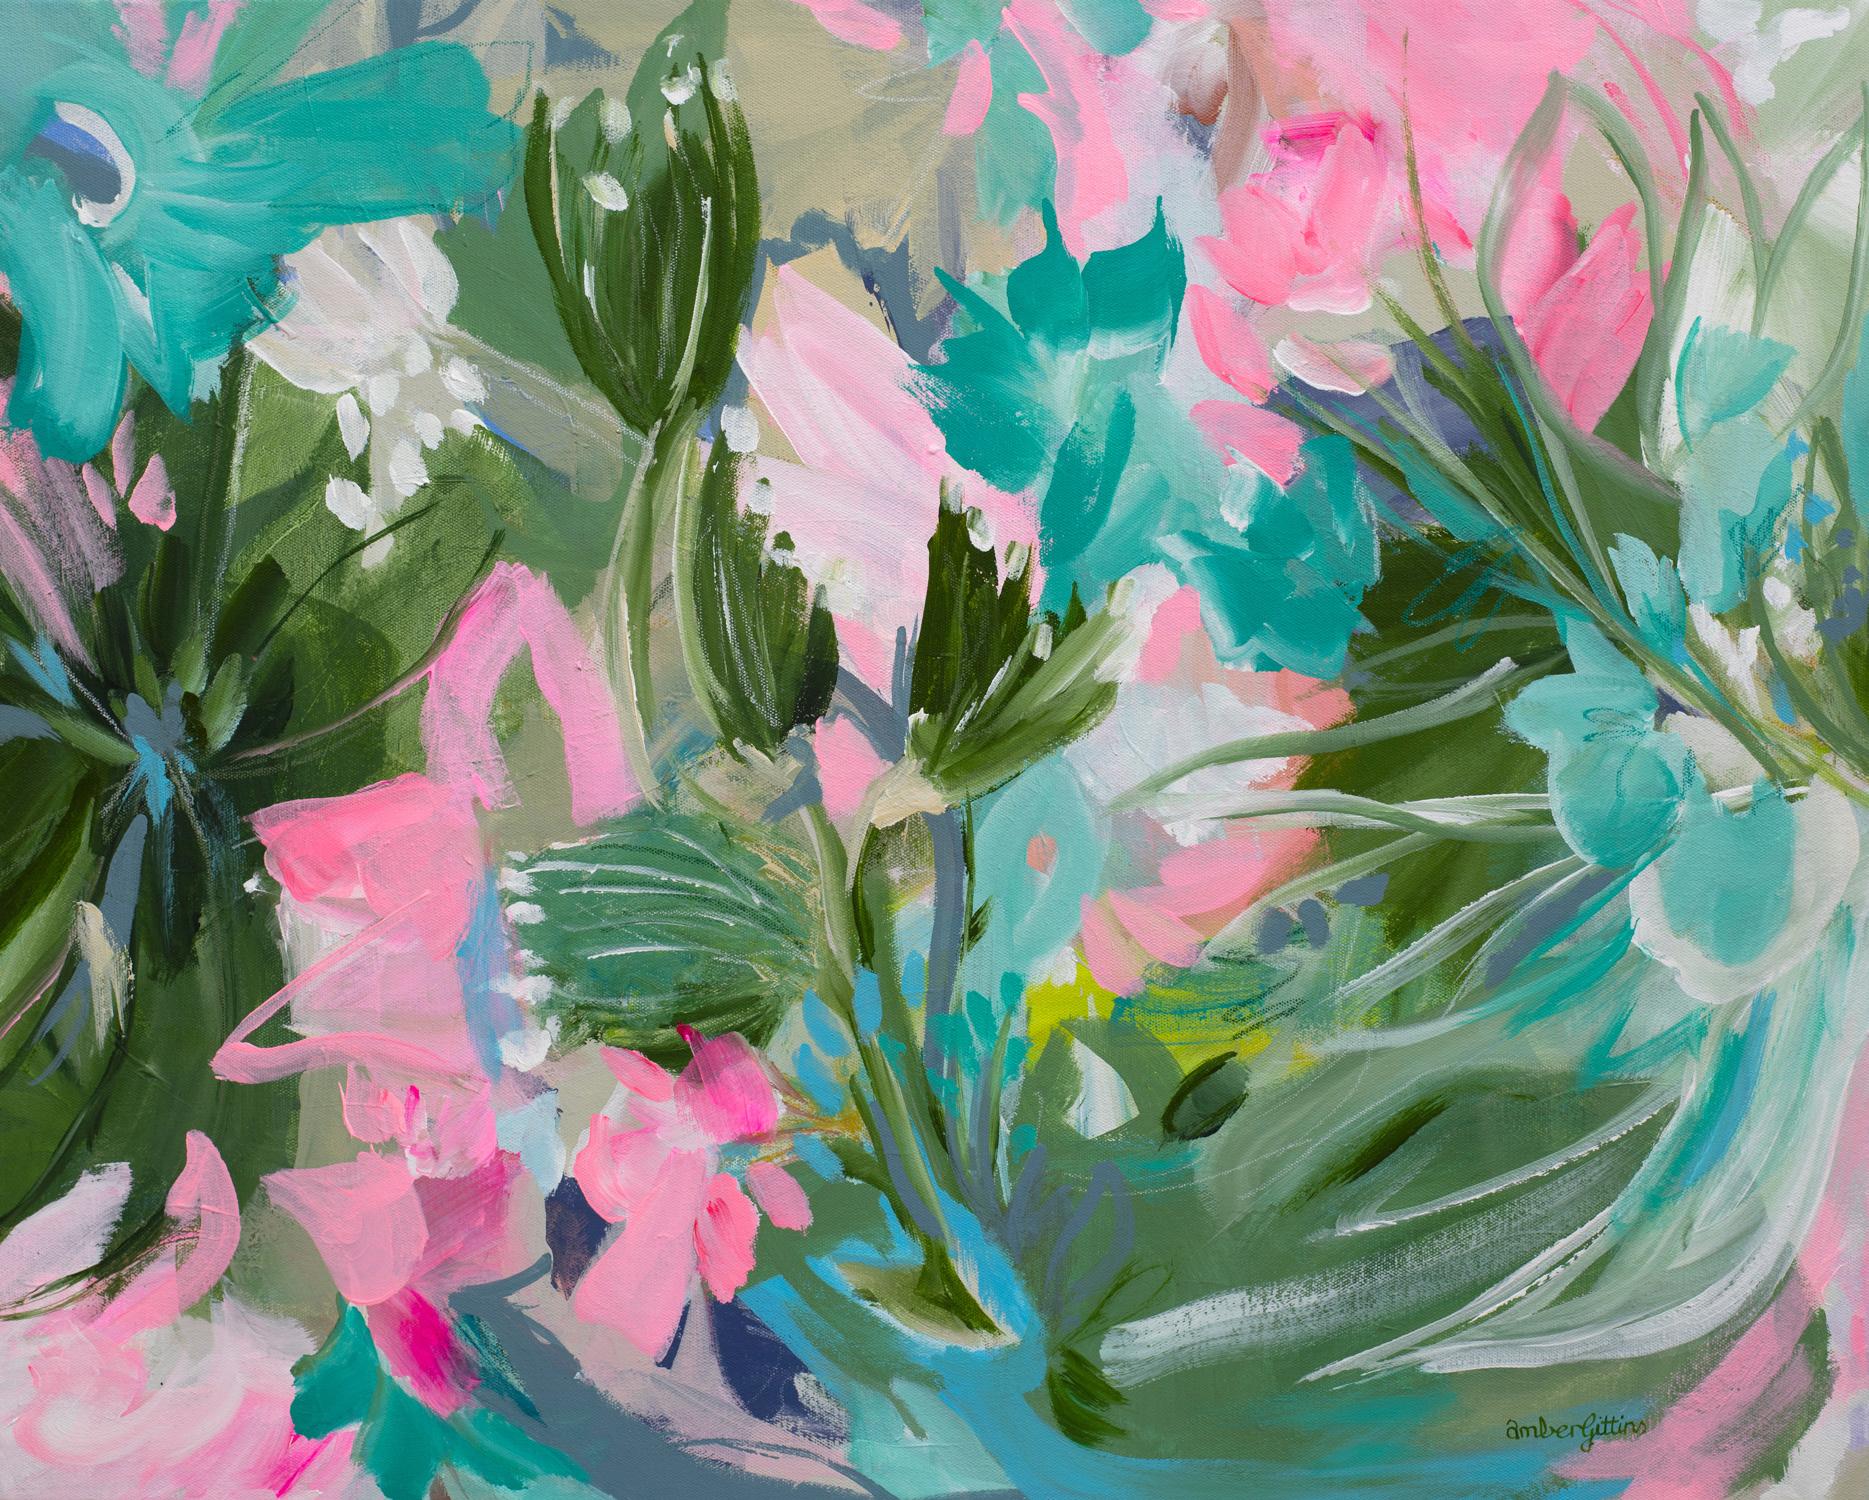 Floral Burst By Amber Gittins